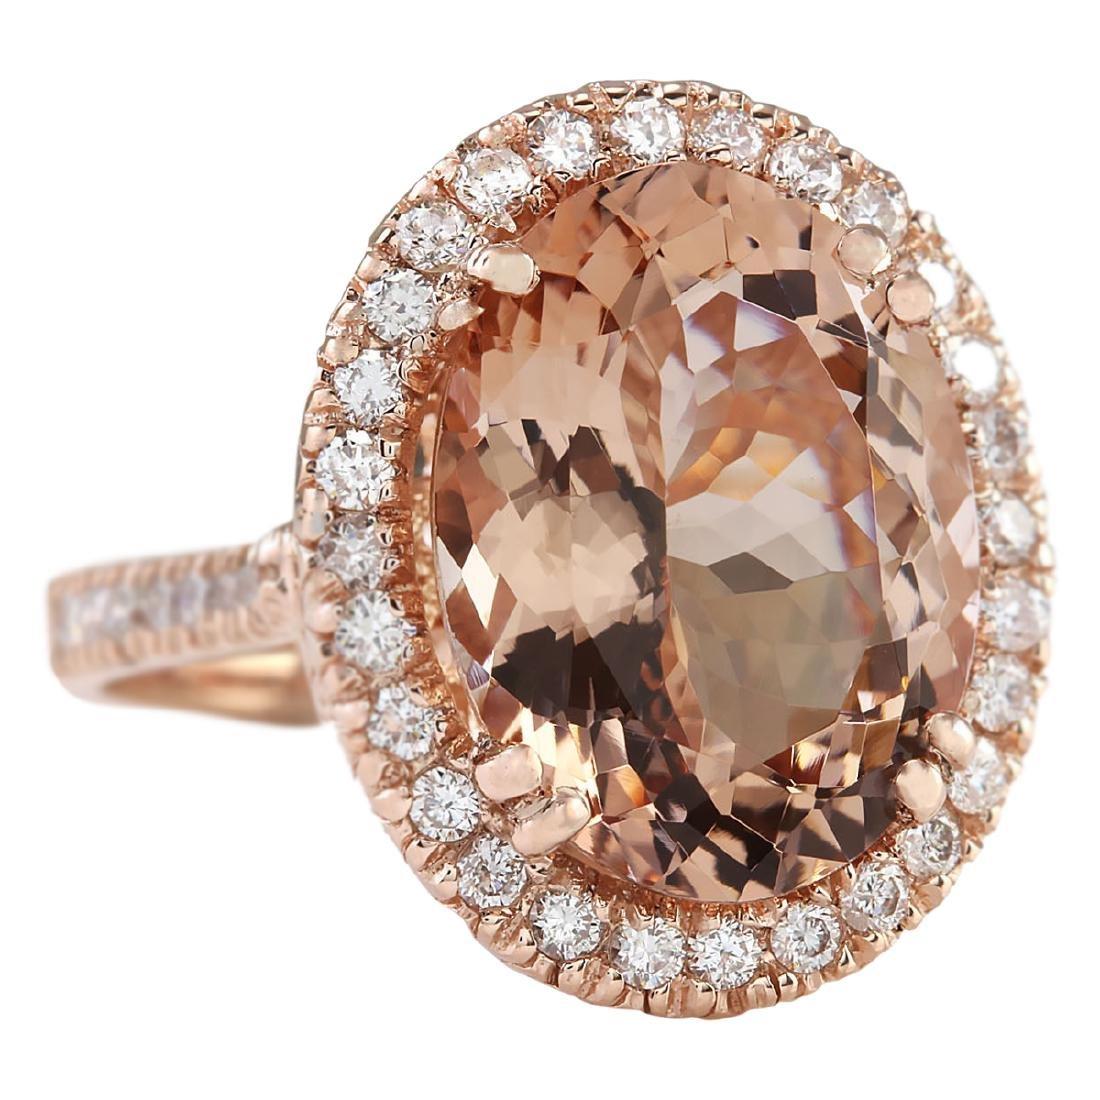 8.26 CTW Natural Morganite And Diamond Ring In 18K Rose - 2